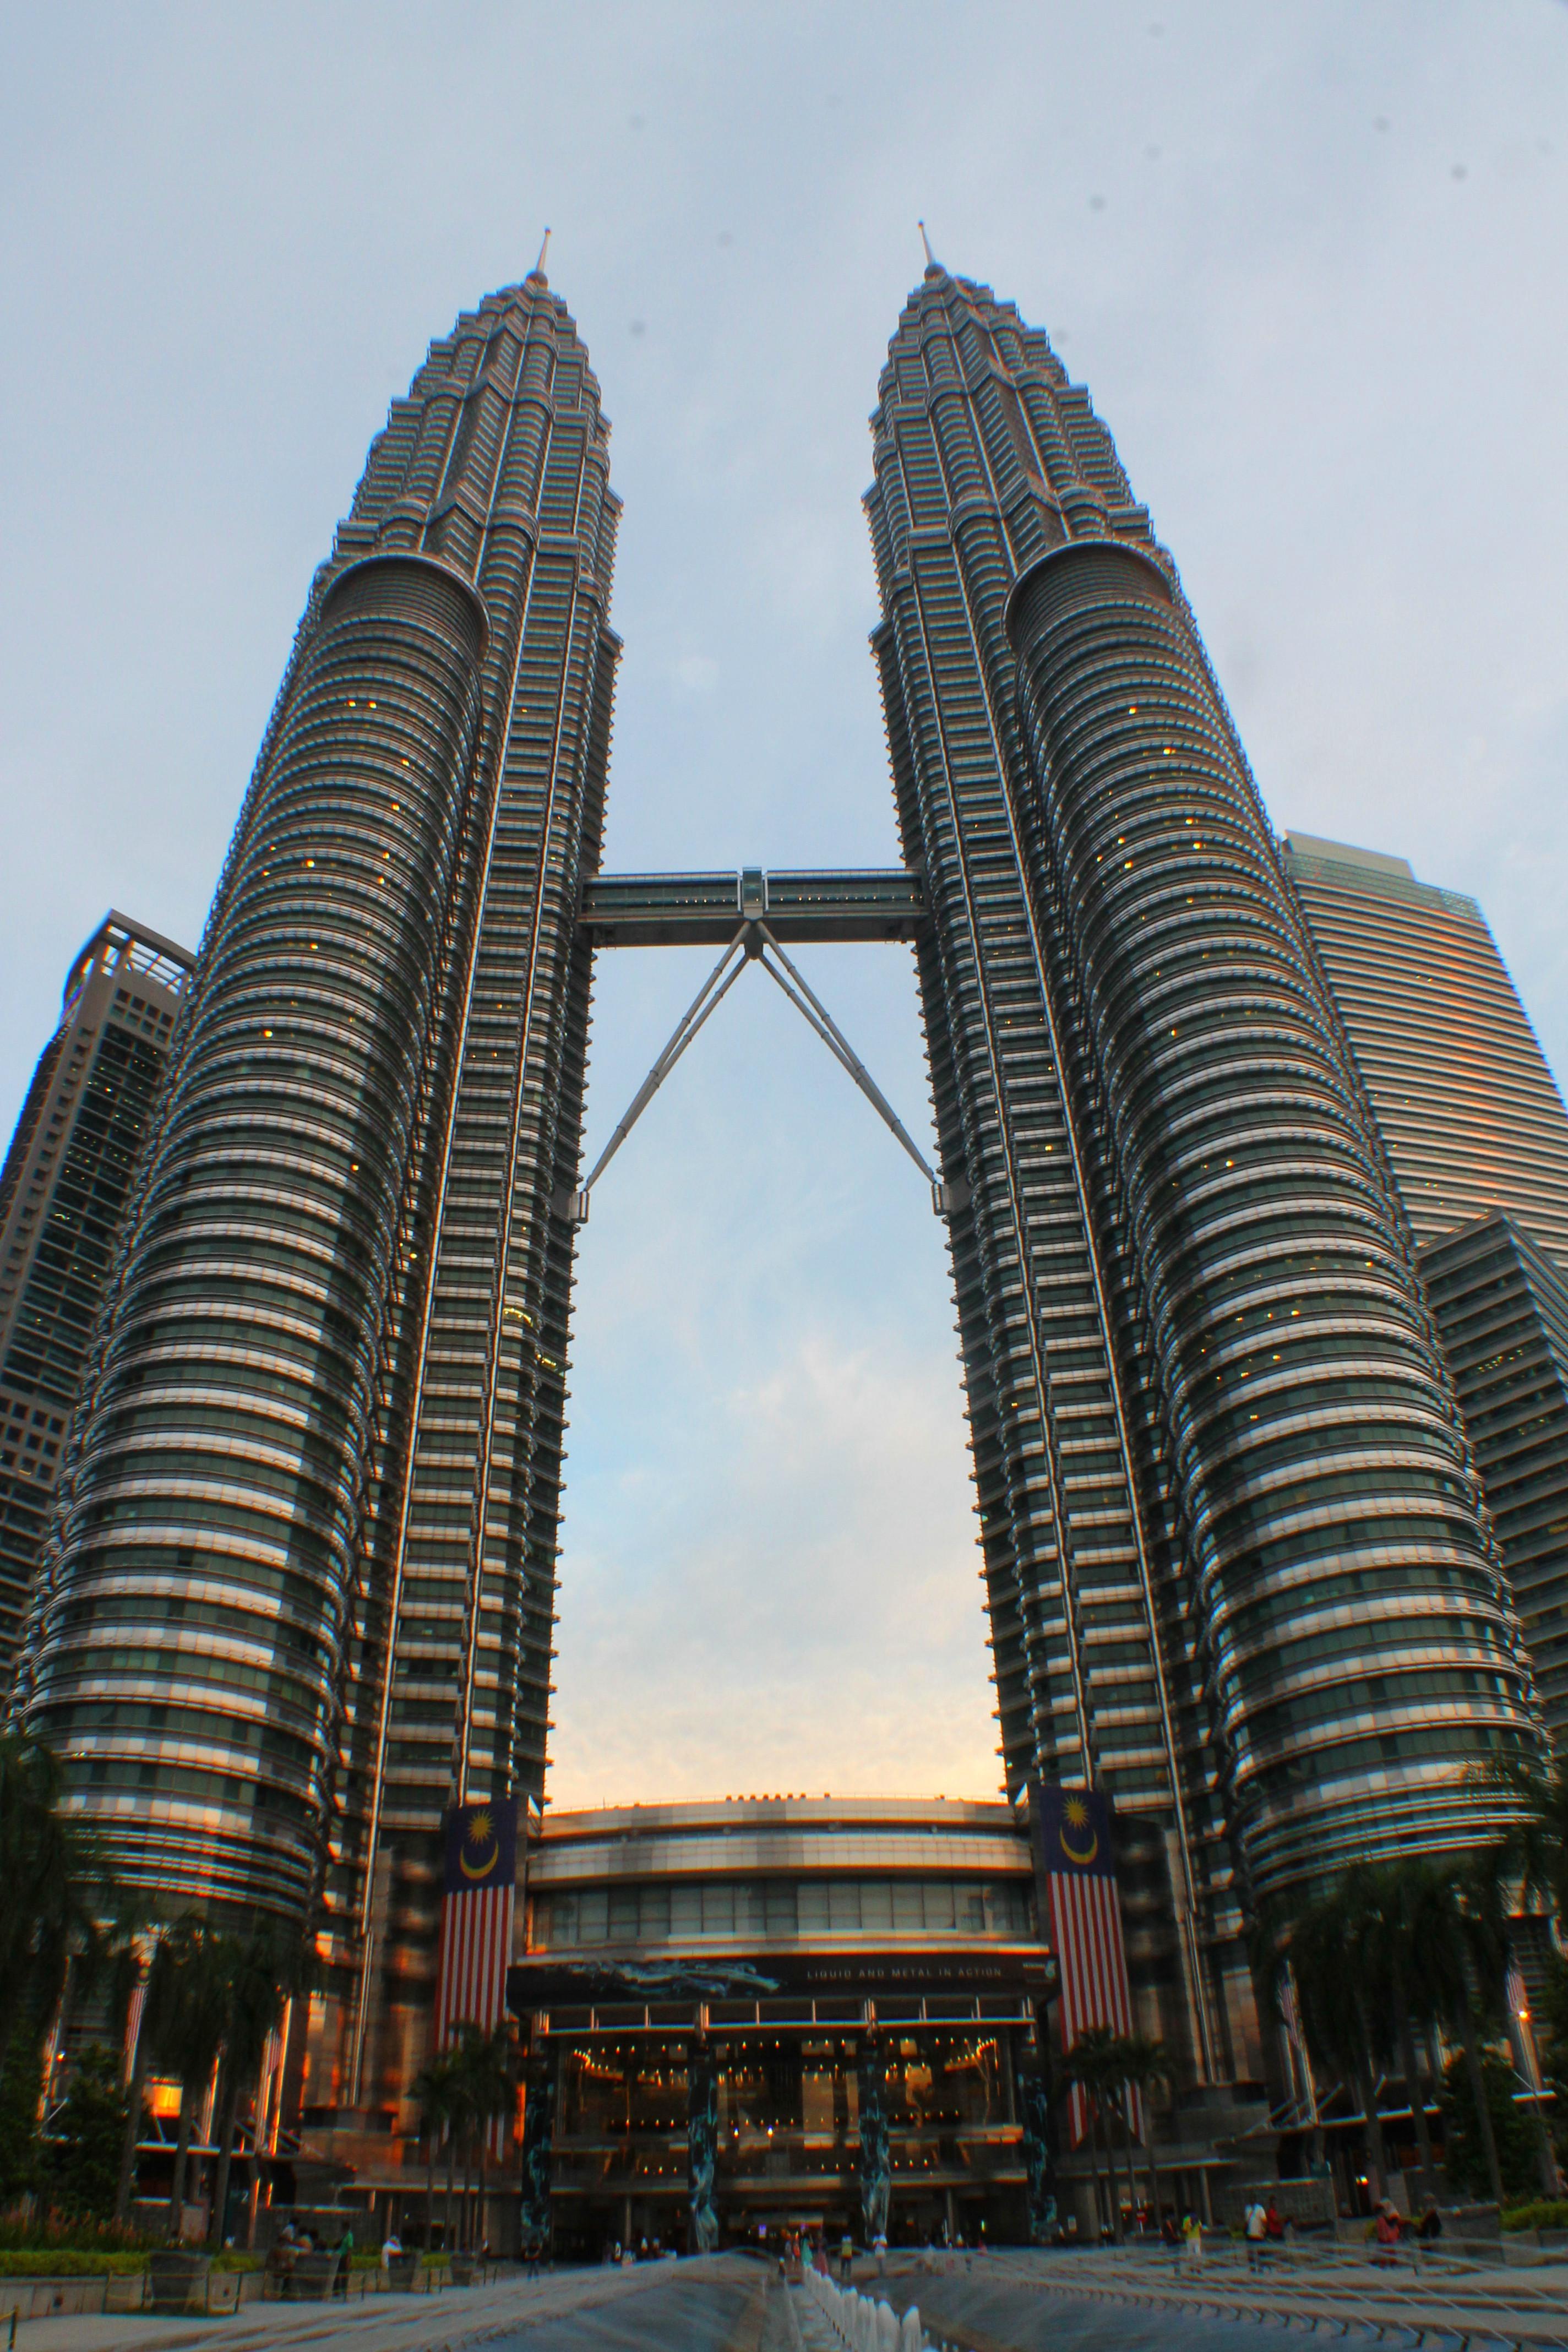 吉隆坡的最后一天,由于还没有拍过双子塔夜景也没有